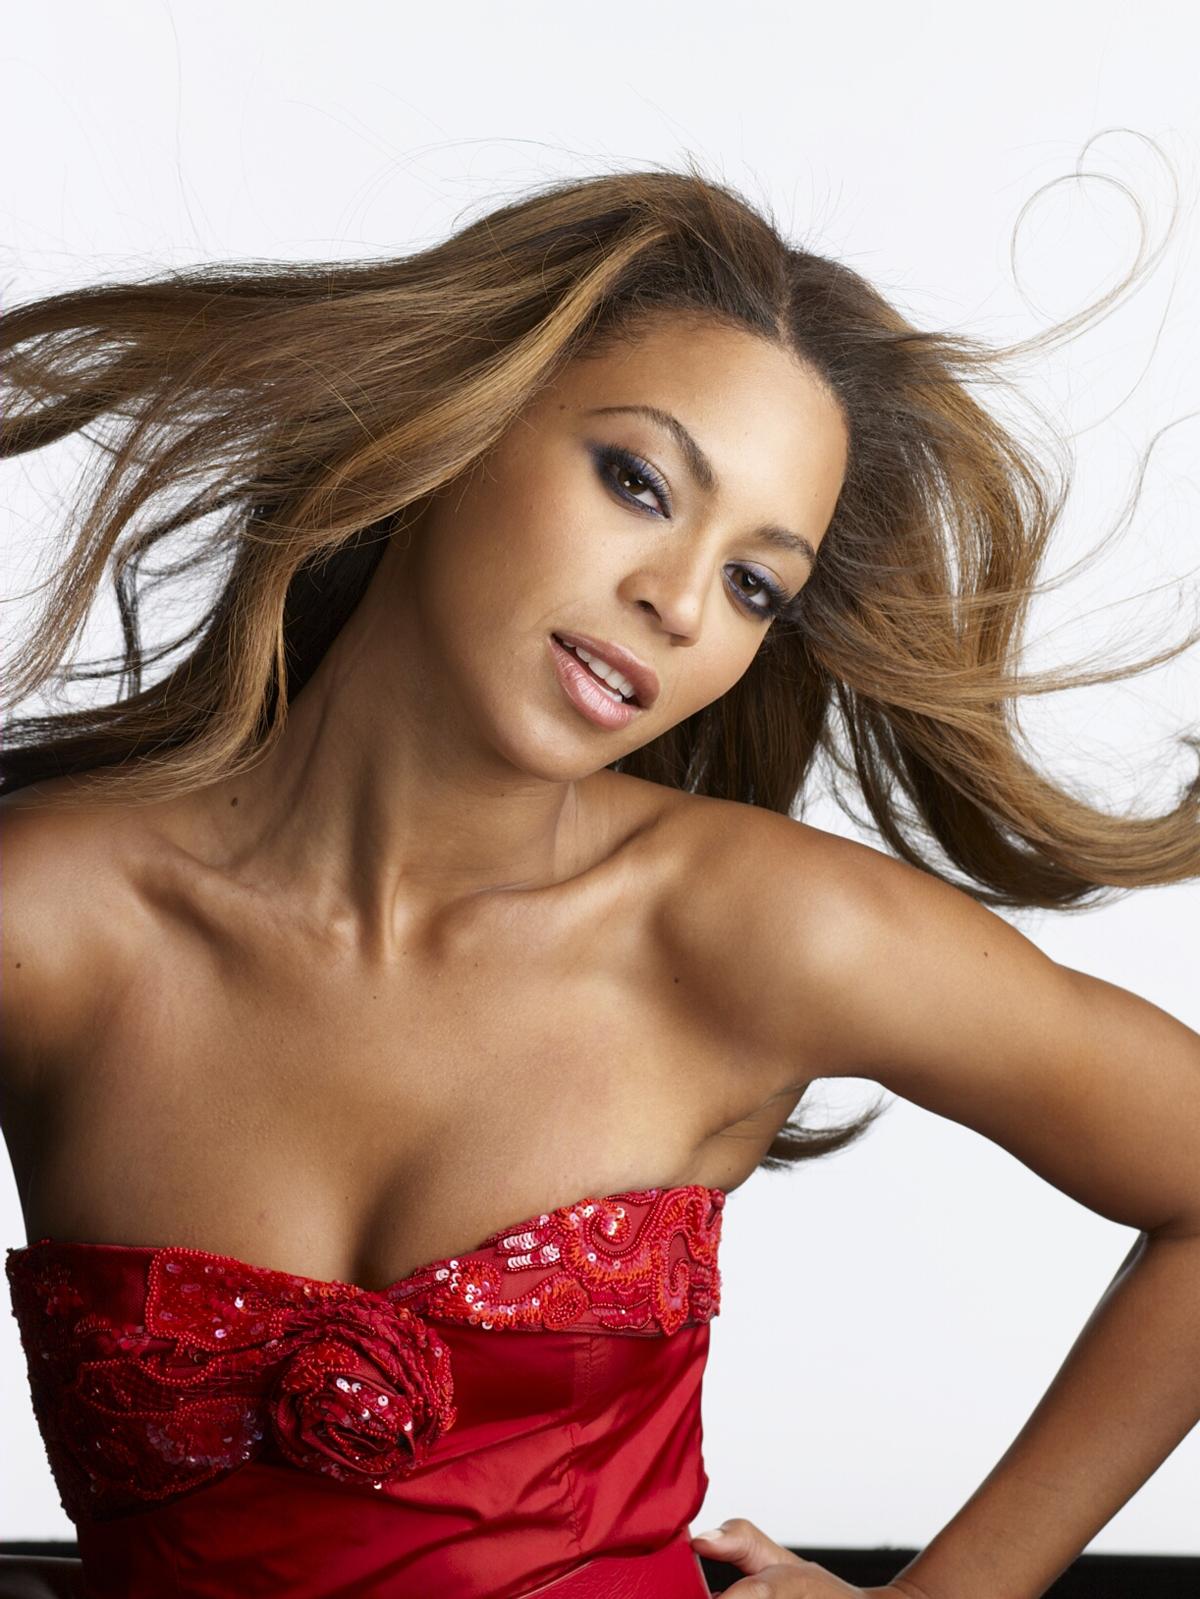 Cleavage Beyonce Knowles naked (81 photo), Pussy, Leaked, Selfie, panties 2019